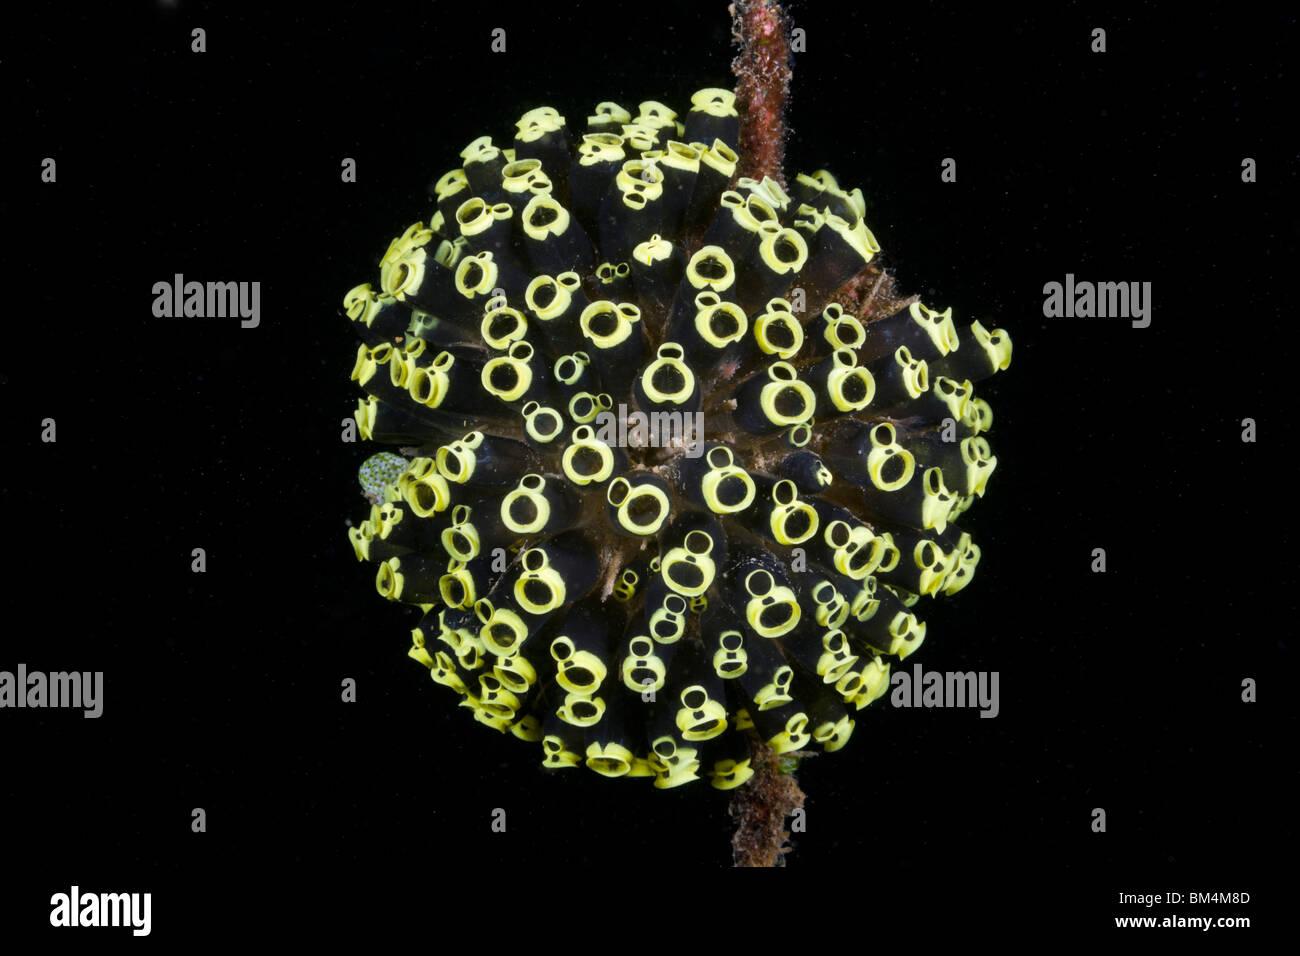 Kolonie von Manteltieren, Clavelina Robusta, Lembeh Strait, Nord-Sulawesi, Indonesien Stockfoto